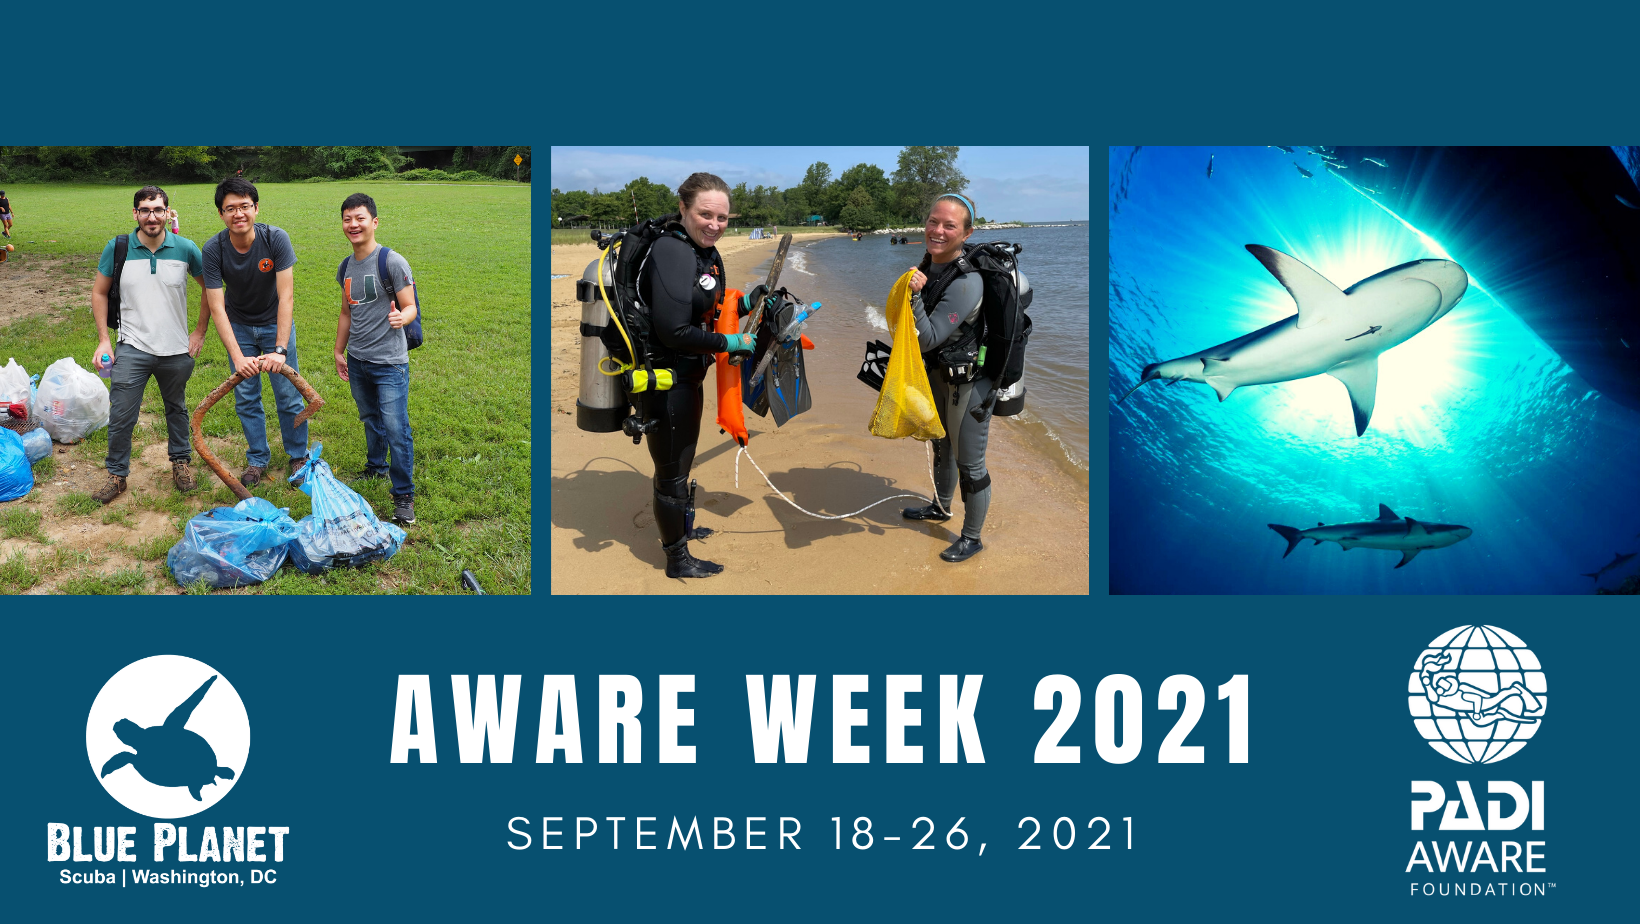 Aware Week 2021